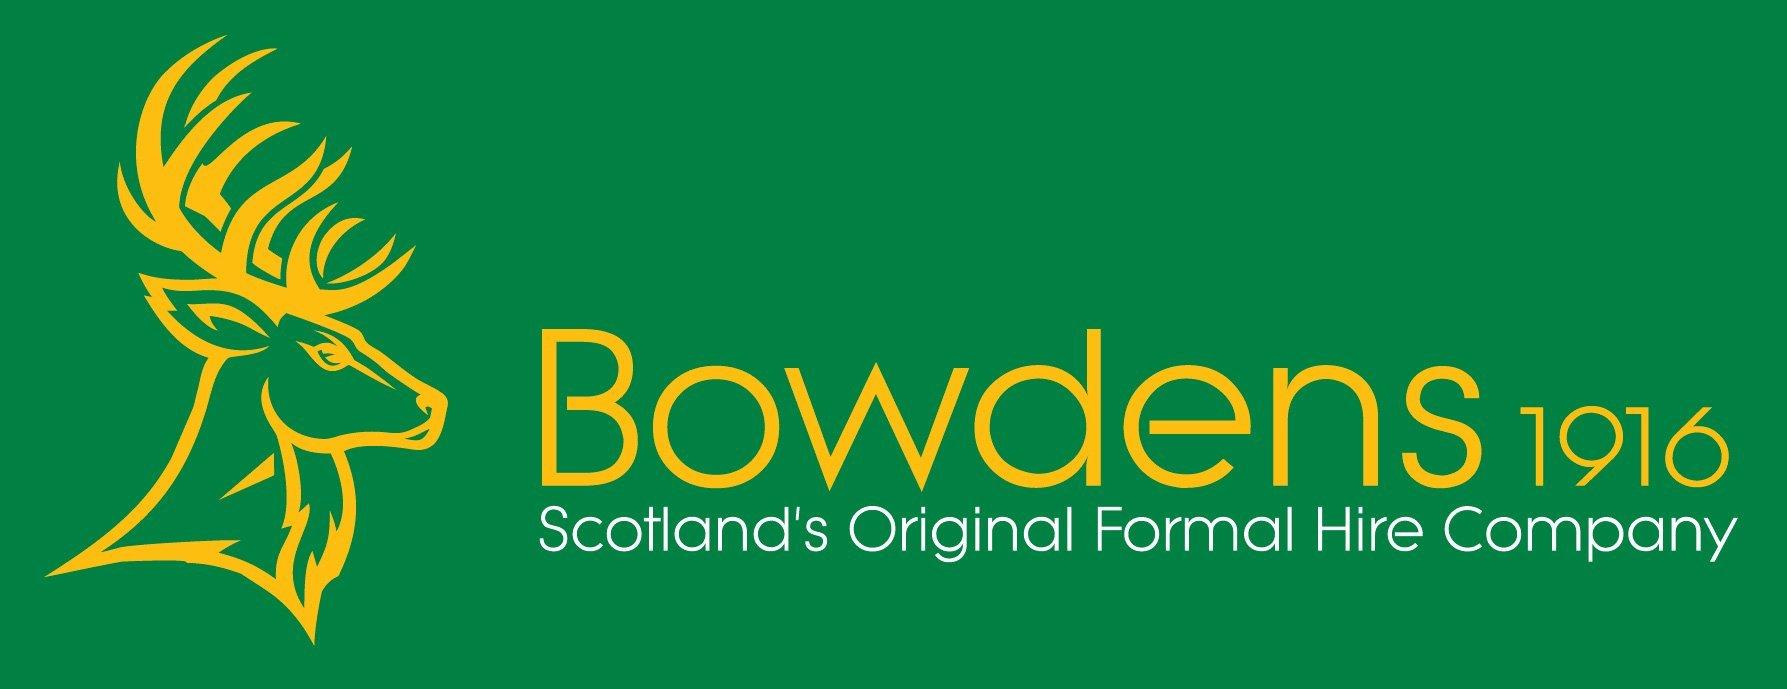 Bowdens 1916 Company logo